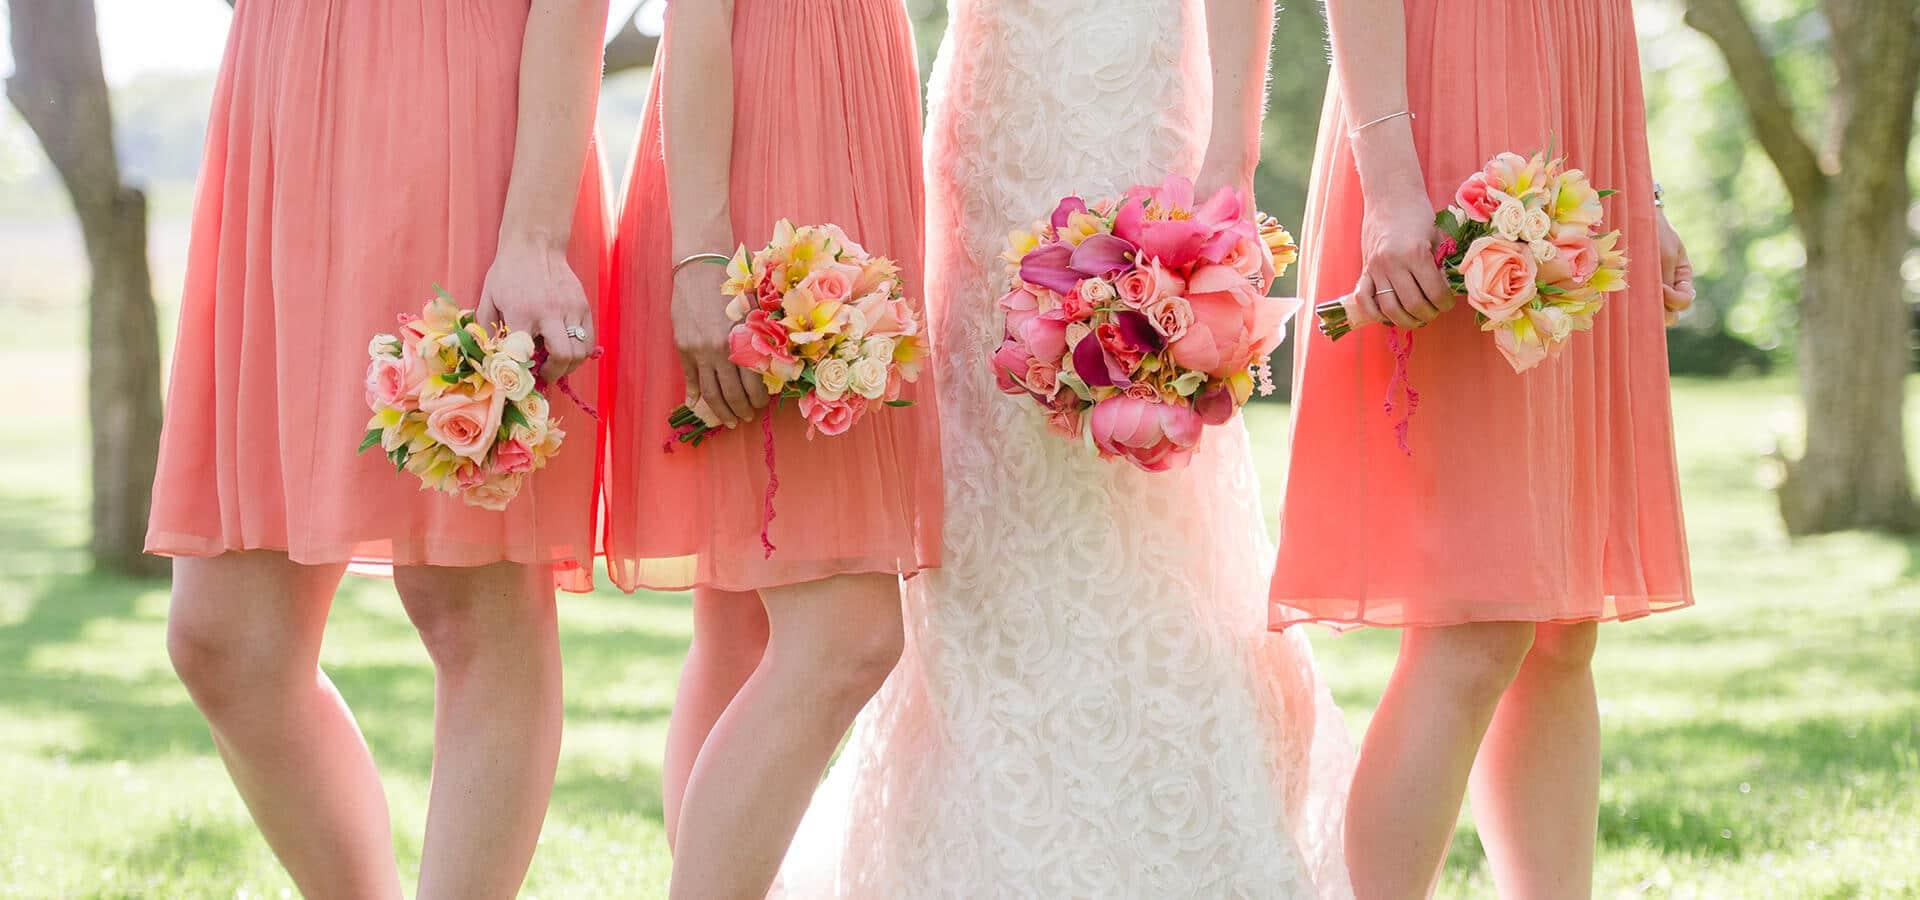 Hero image for Karina & Ken's Dazzling Wedding at Kurtz Orchards